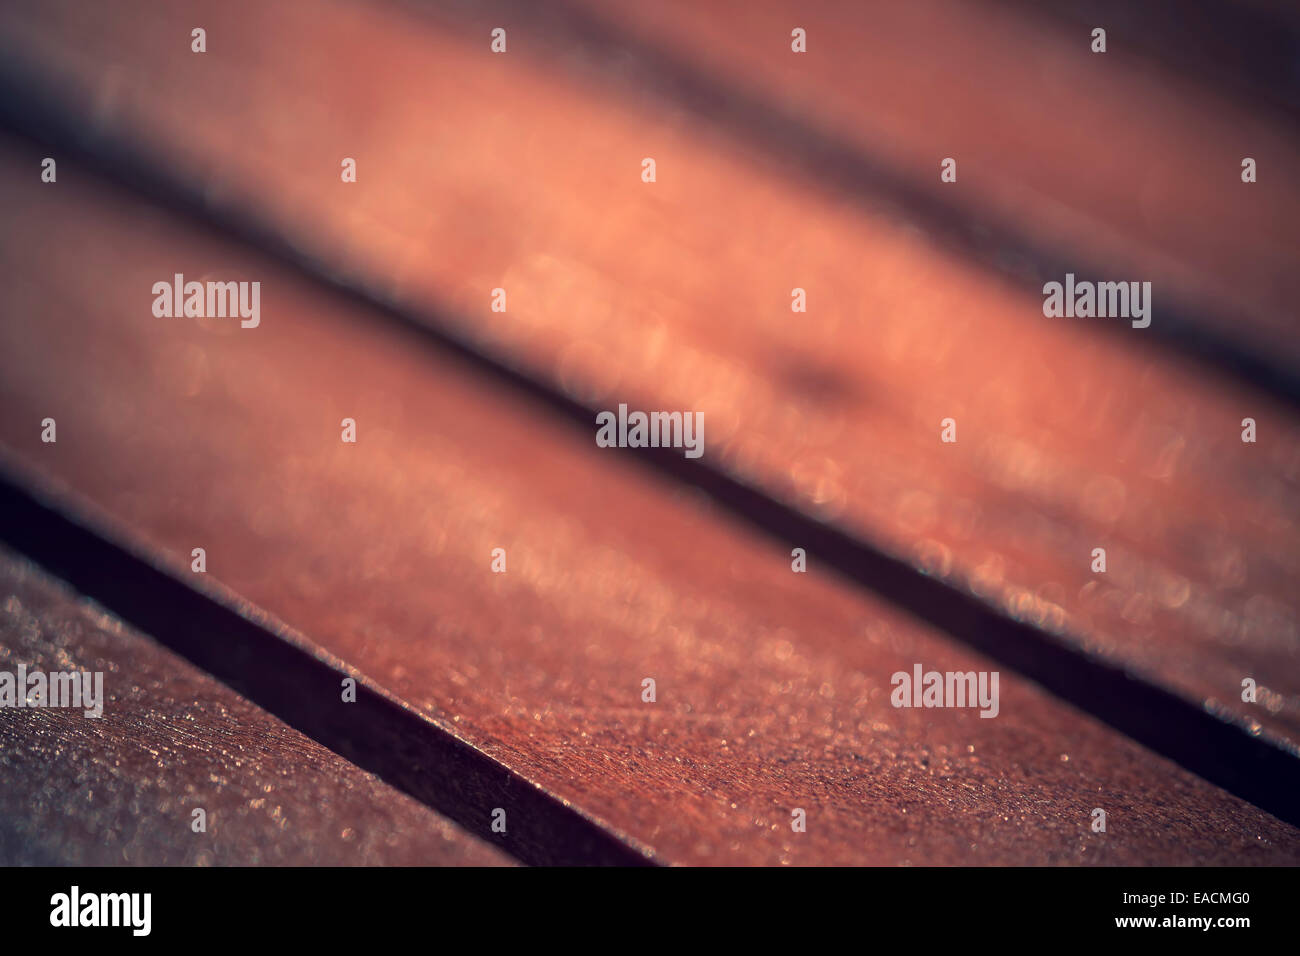 Zusammenfassung Hintergrund Holztisch Stockbild